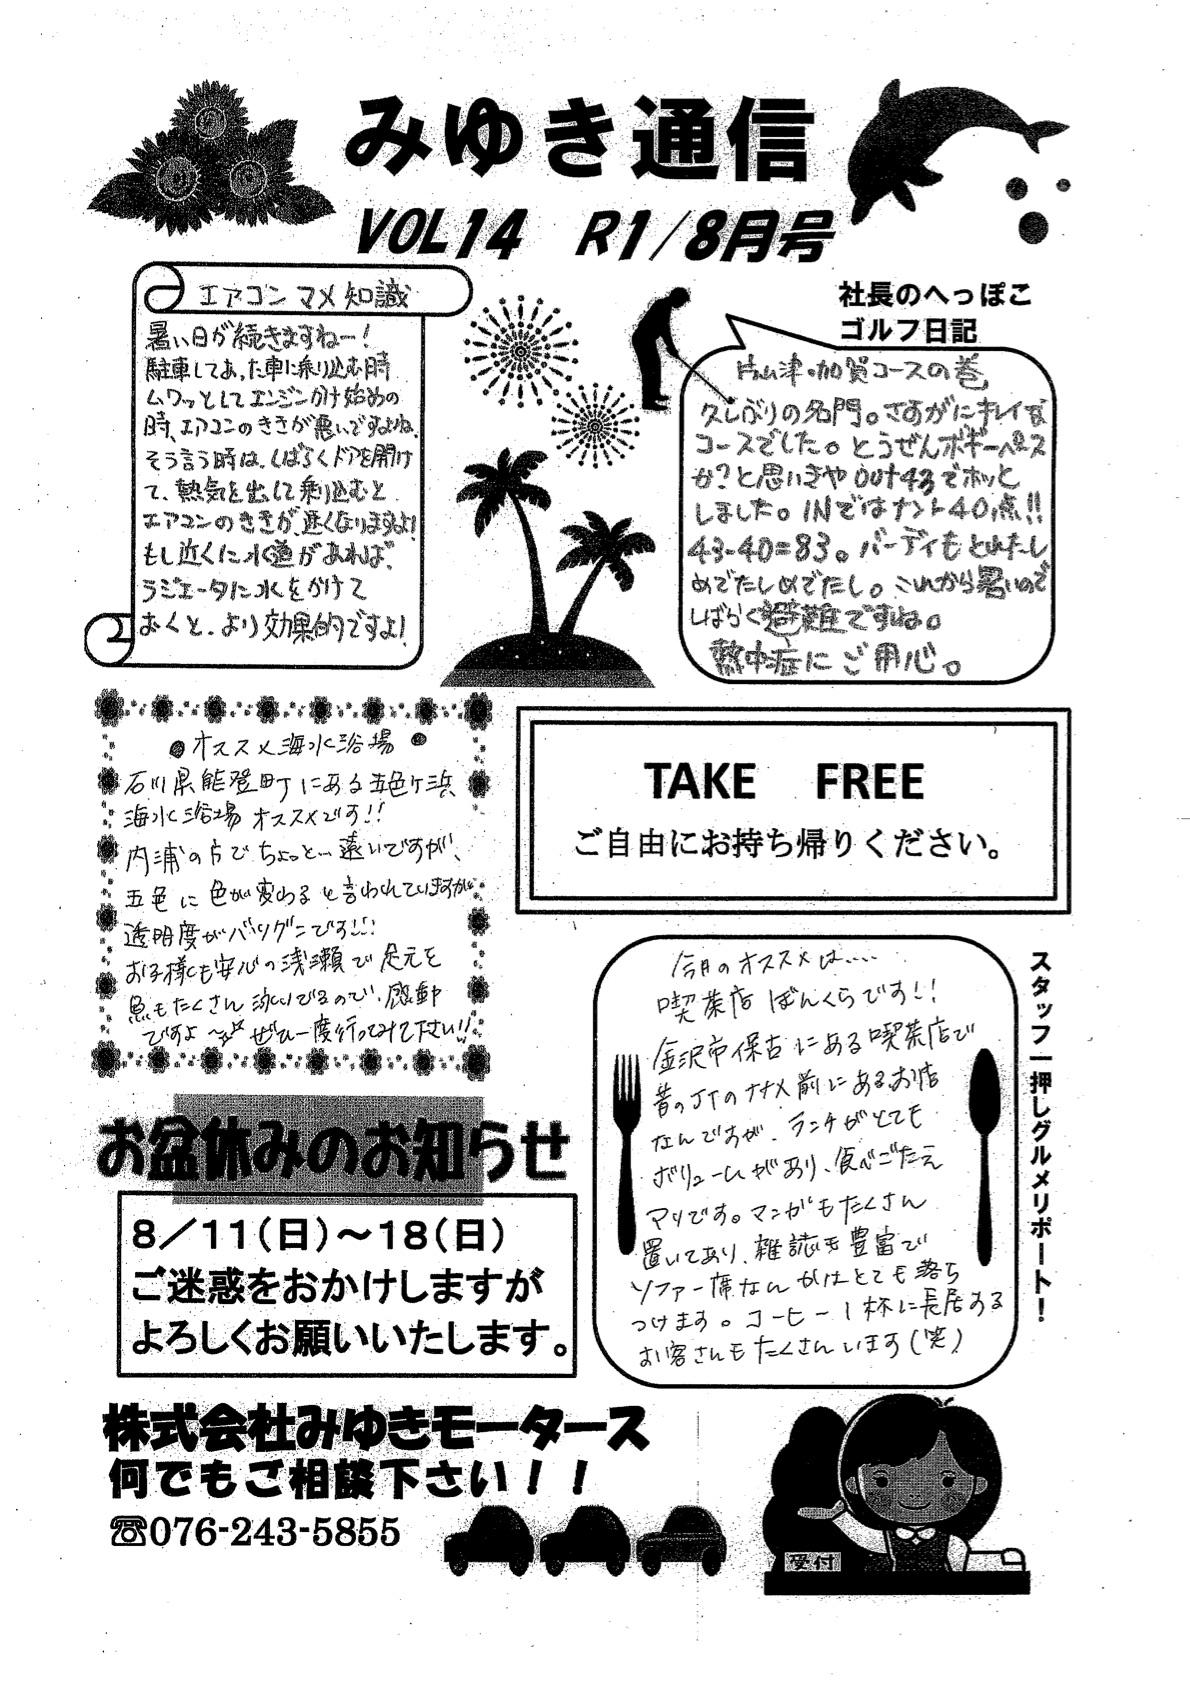 みゆき通信vol.14 8月号